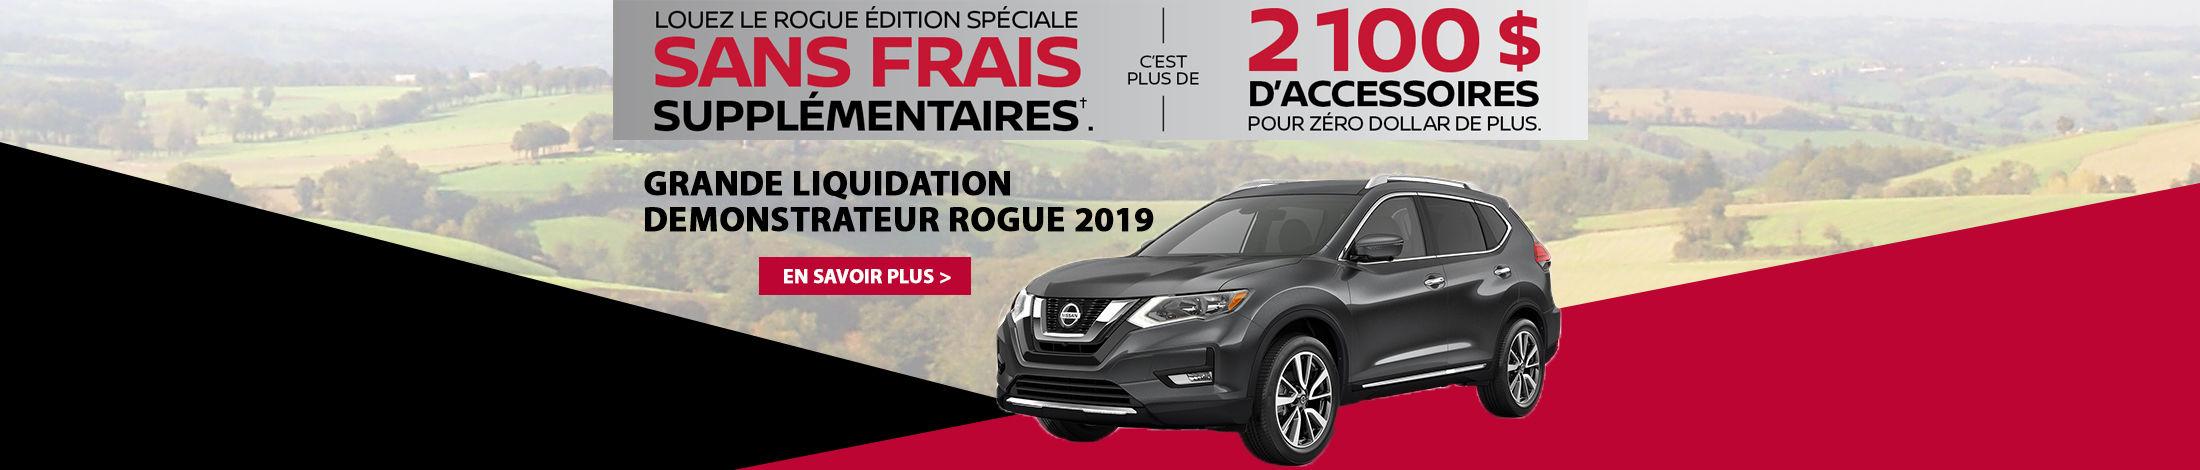 Liquidation Rogue 2019